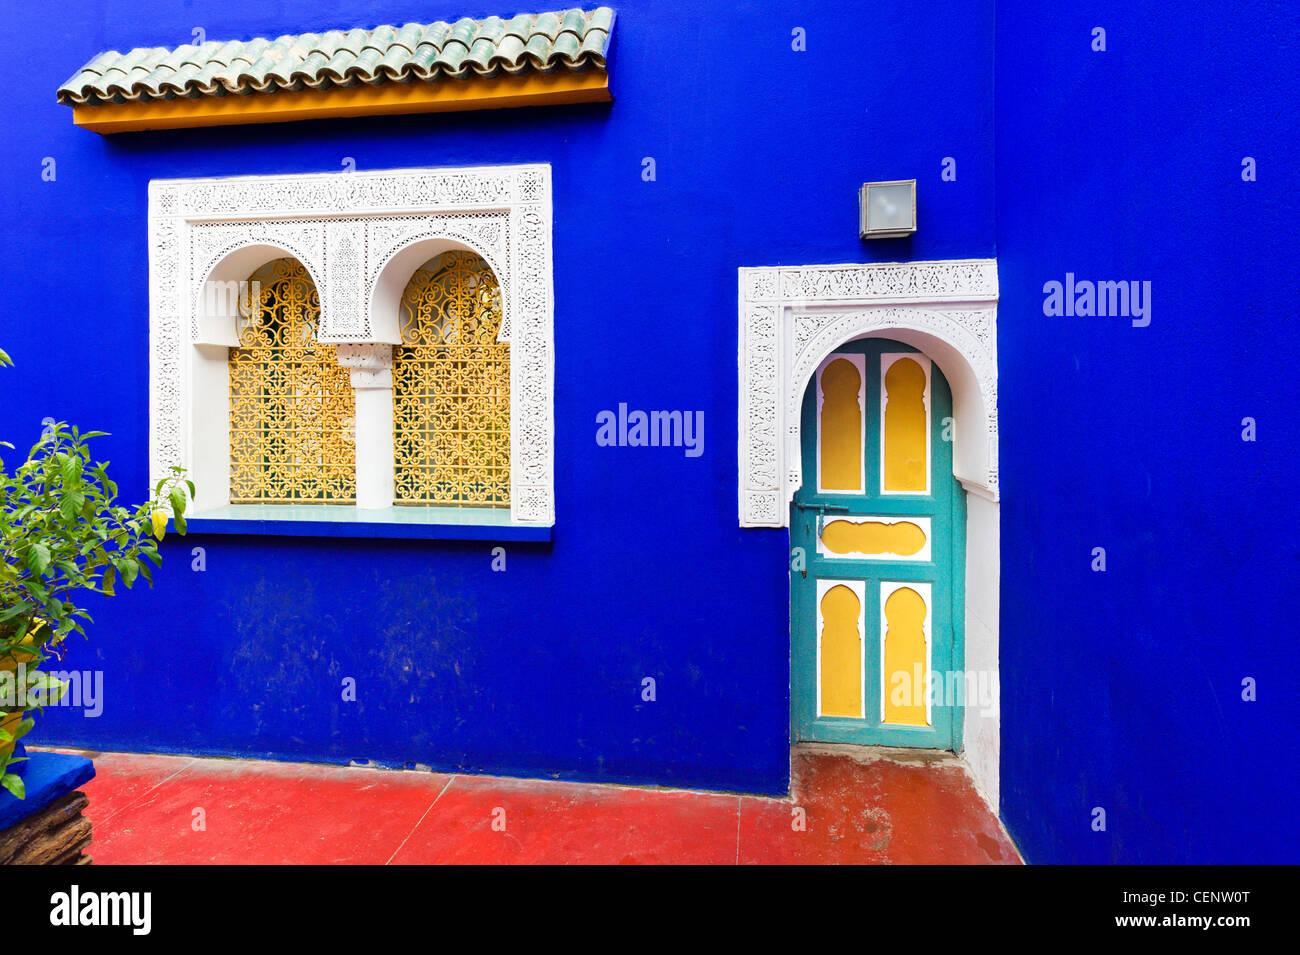 Puerta de la villa en el centro del jardin Majorelle ( jardin Majorelle ), Marrakech, Marruecos, Norte de África Imagen De Stock